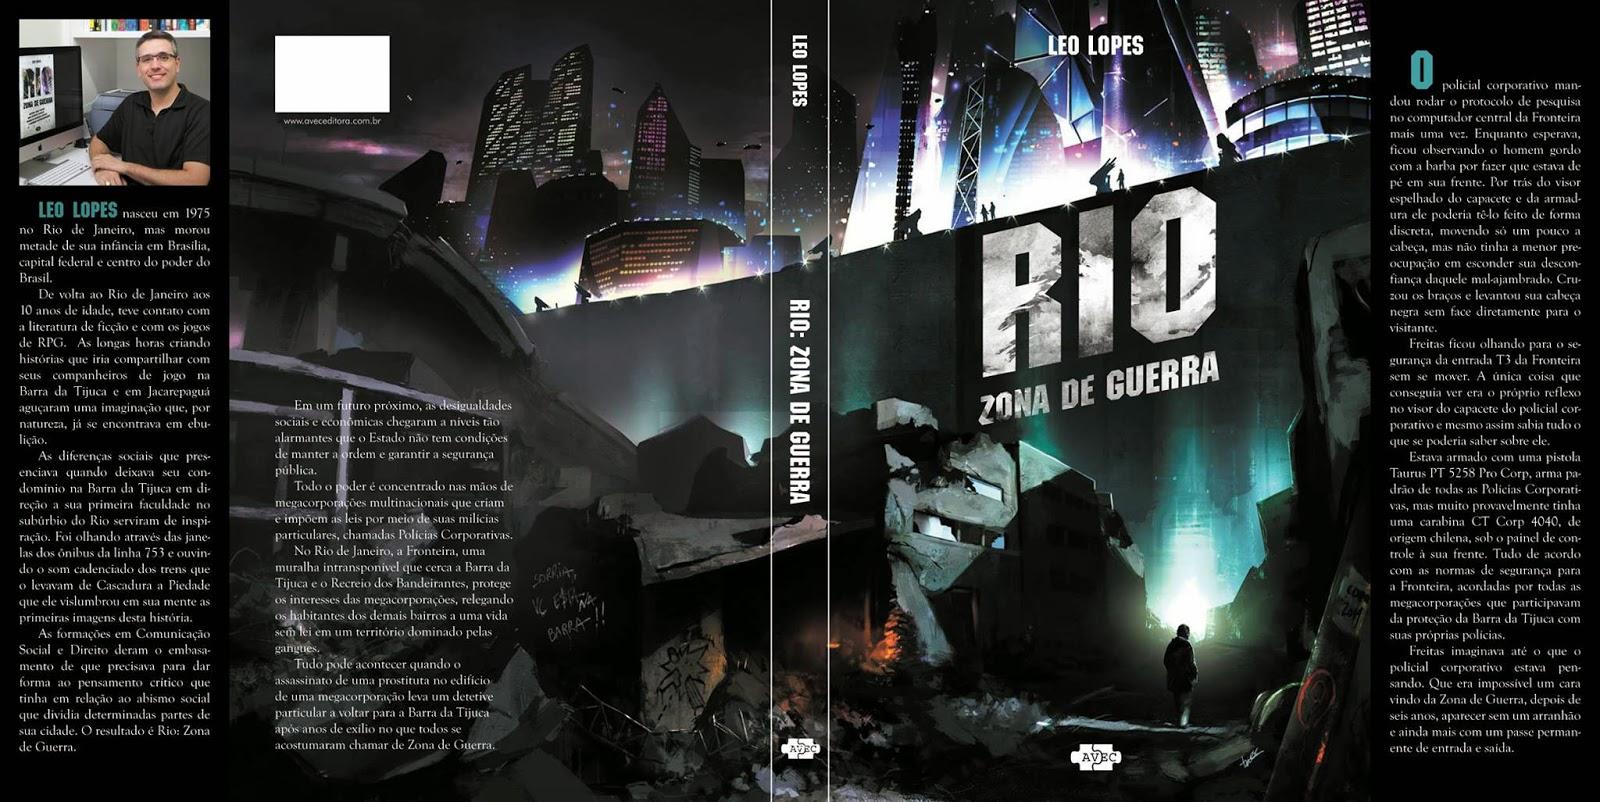 rio-zona-de-guerra-destaque1